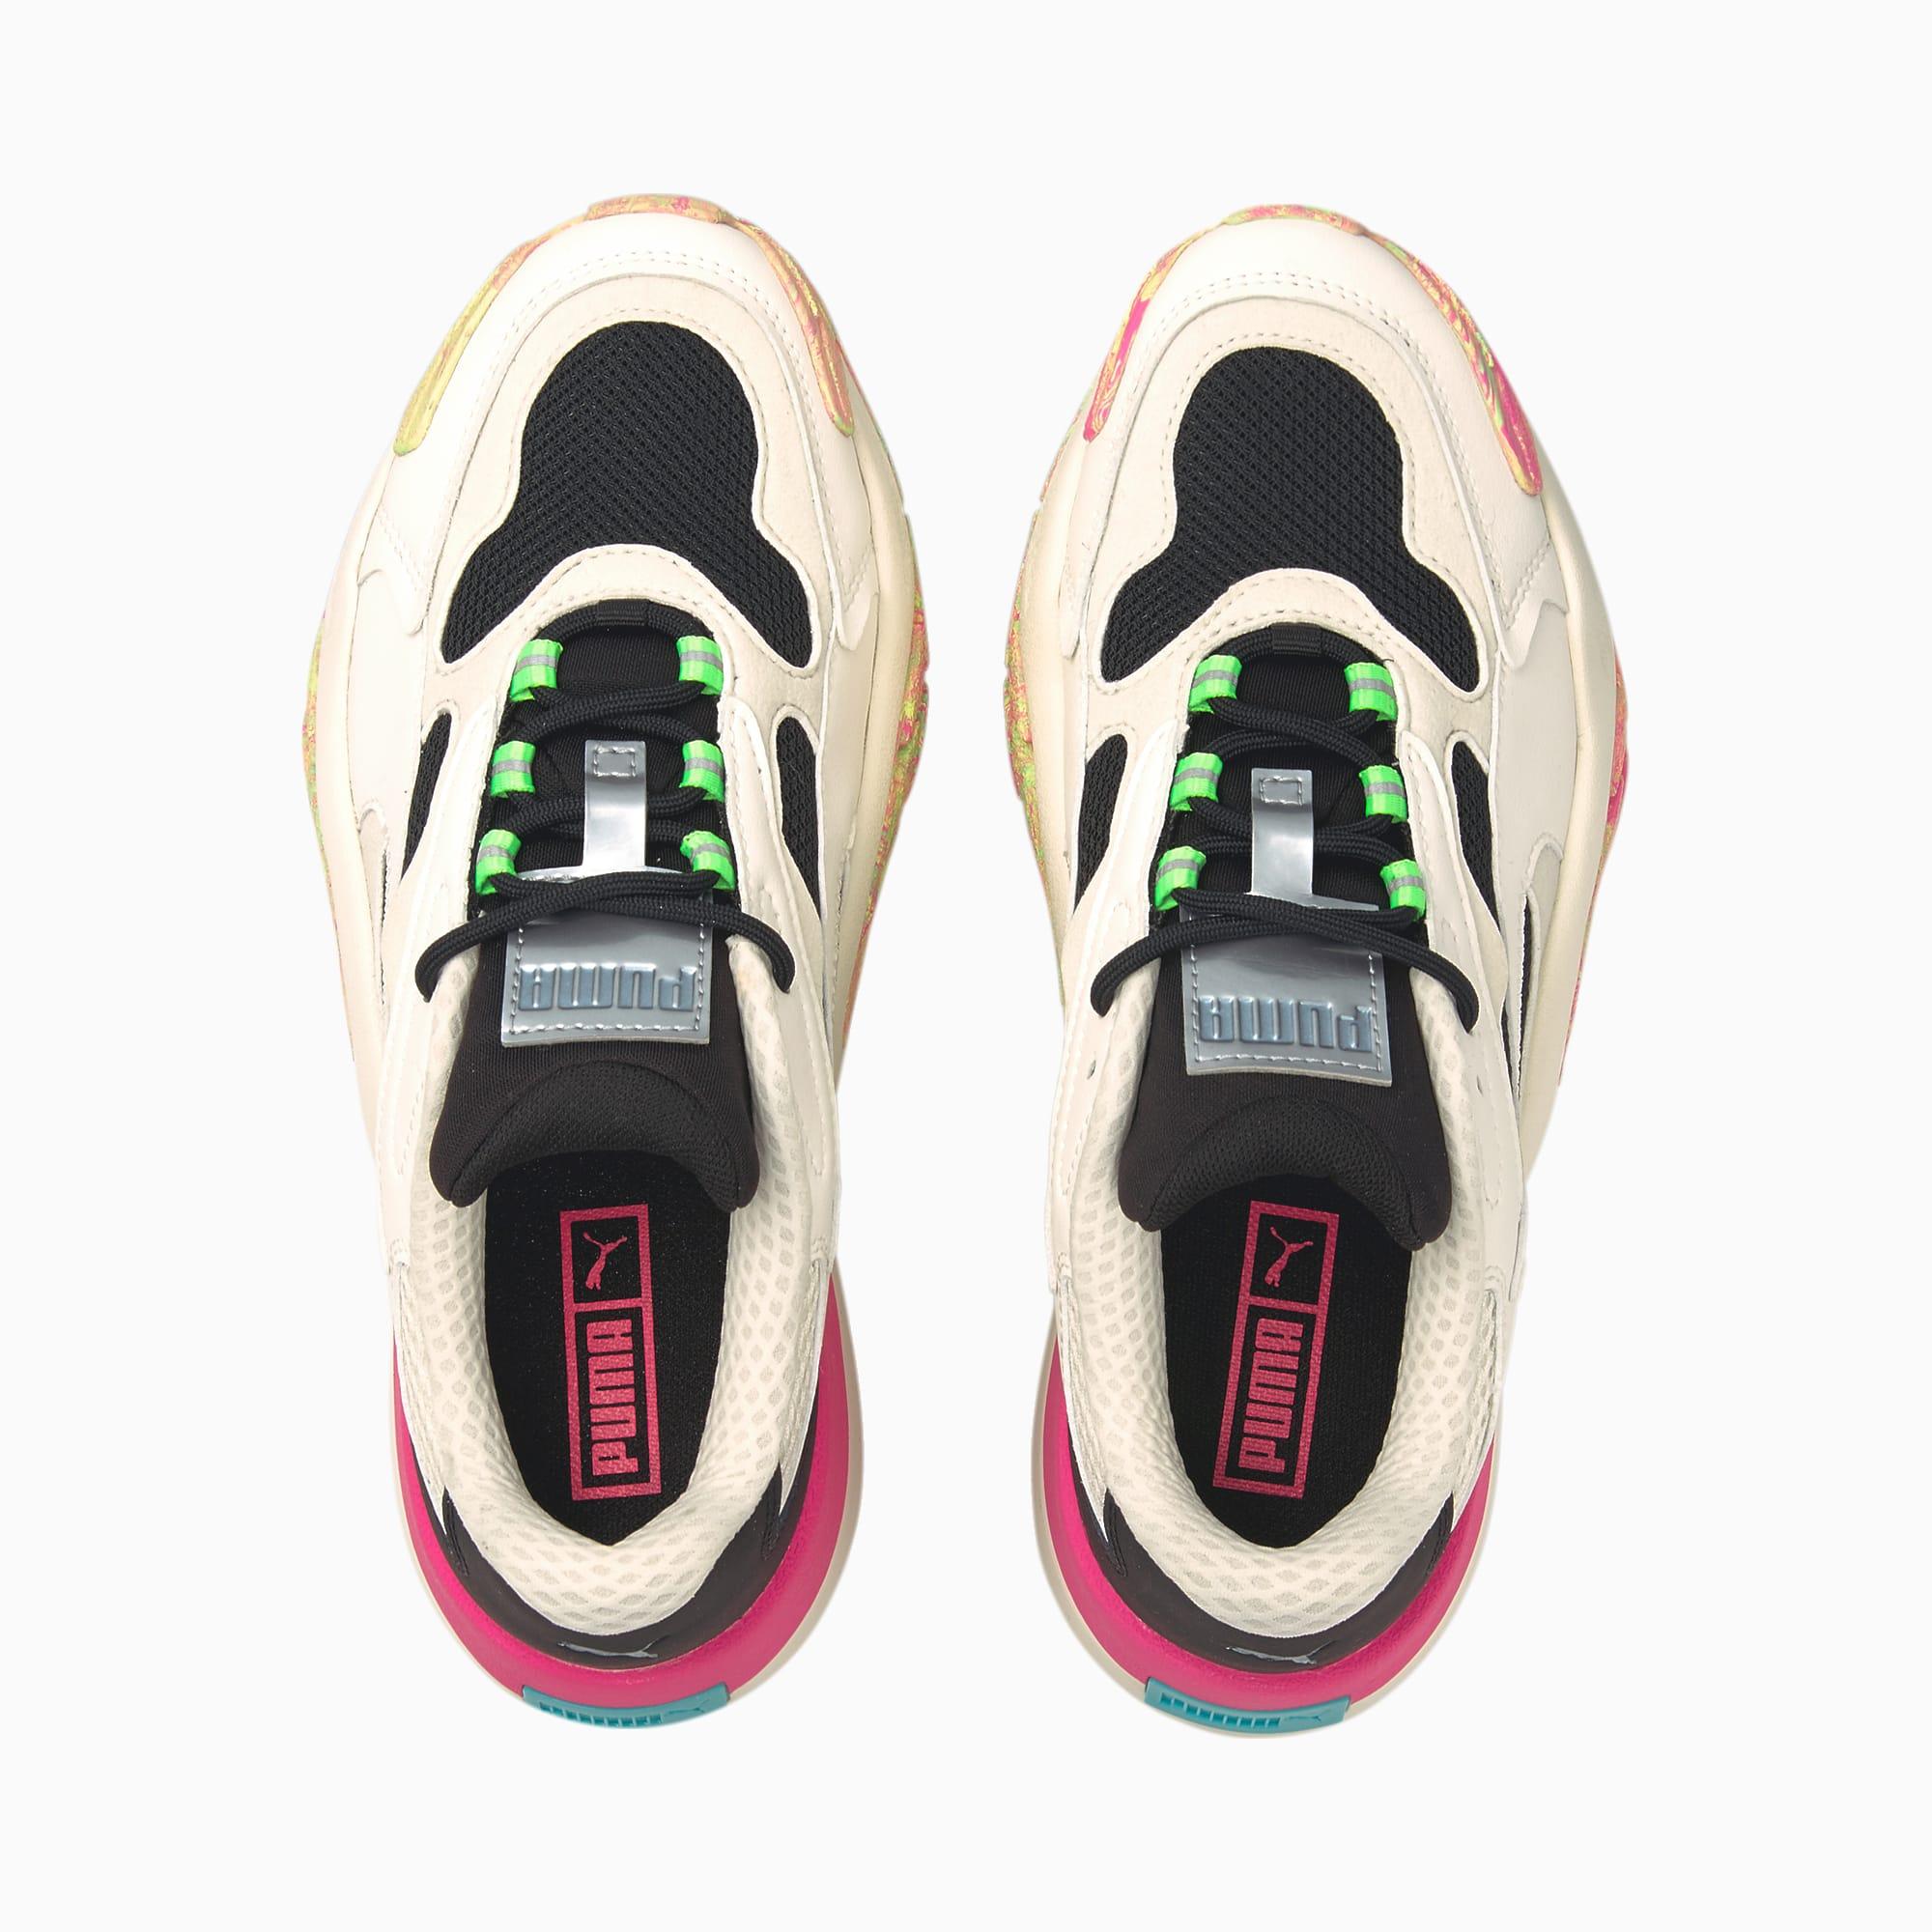 Hedra Chaos Women's Sneakers